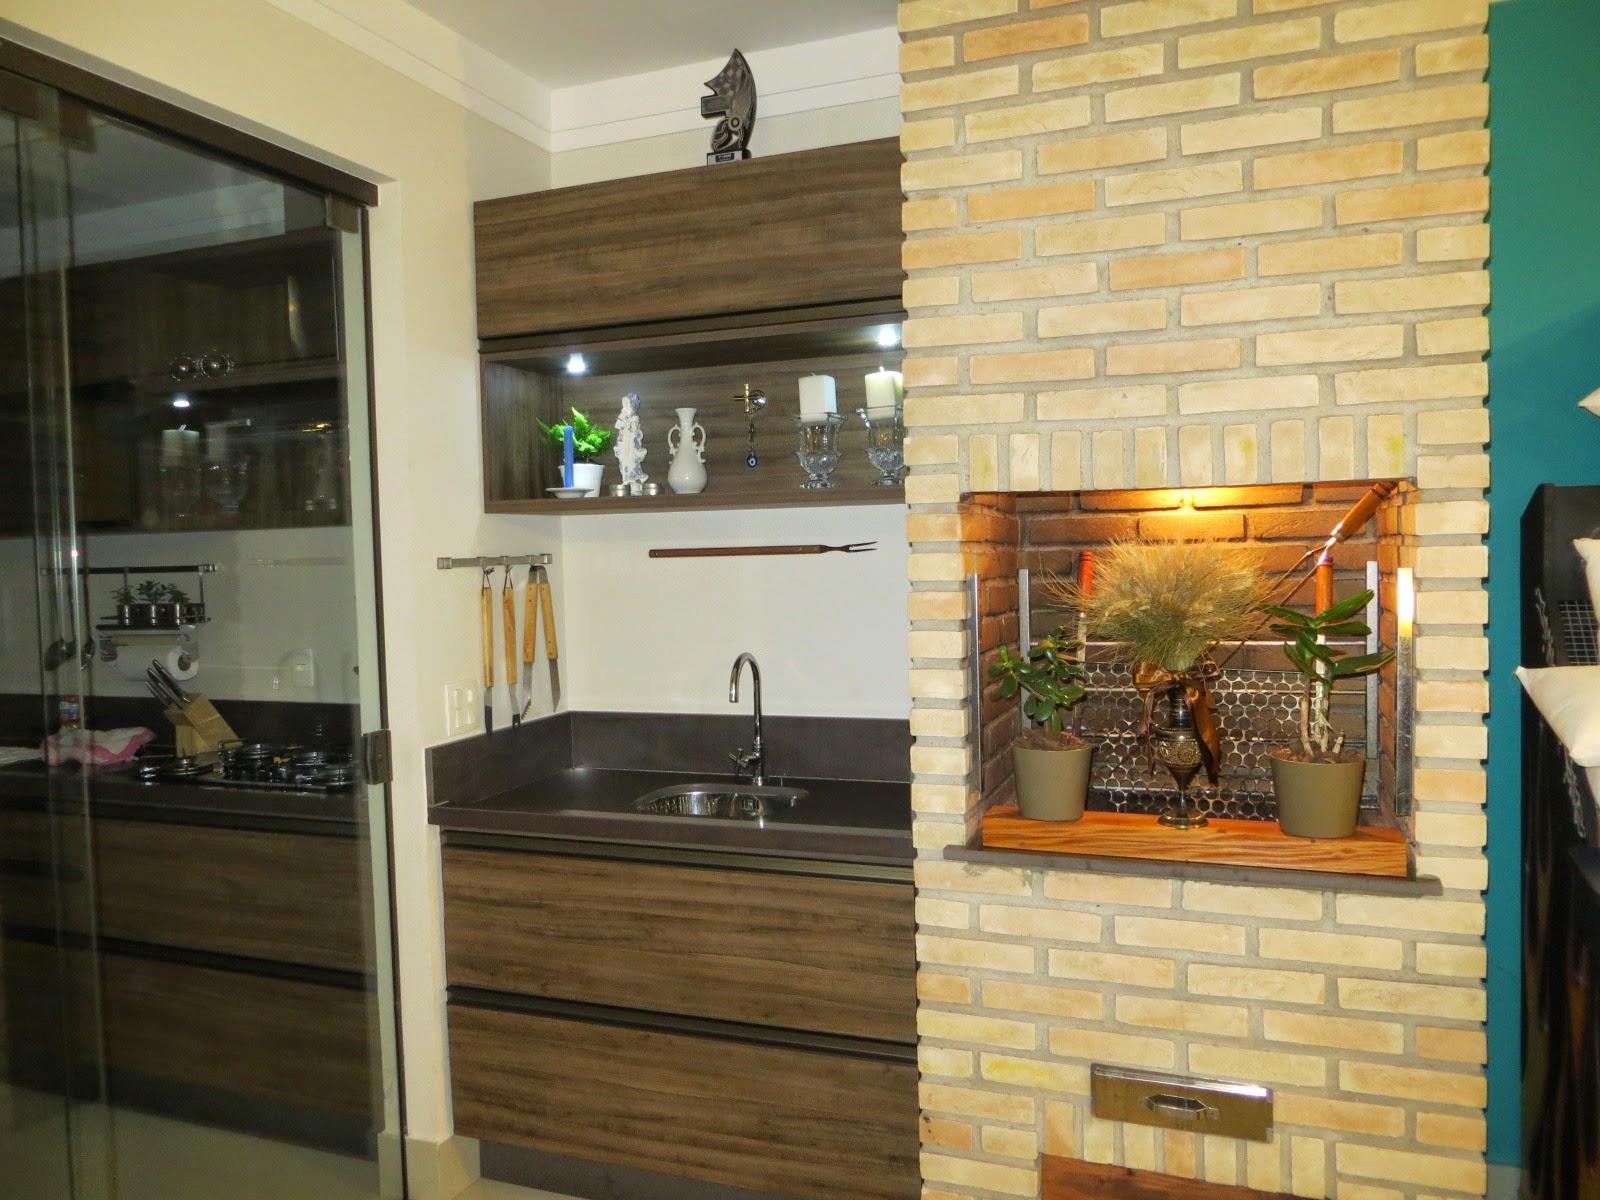 de Bilhar: Cozinha e área de churrasqueira integradas em madeira  #A36928 1600x1200